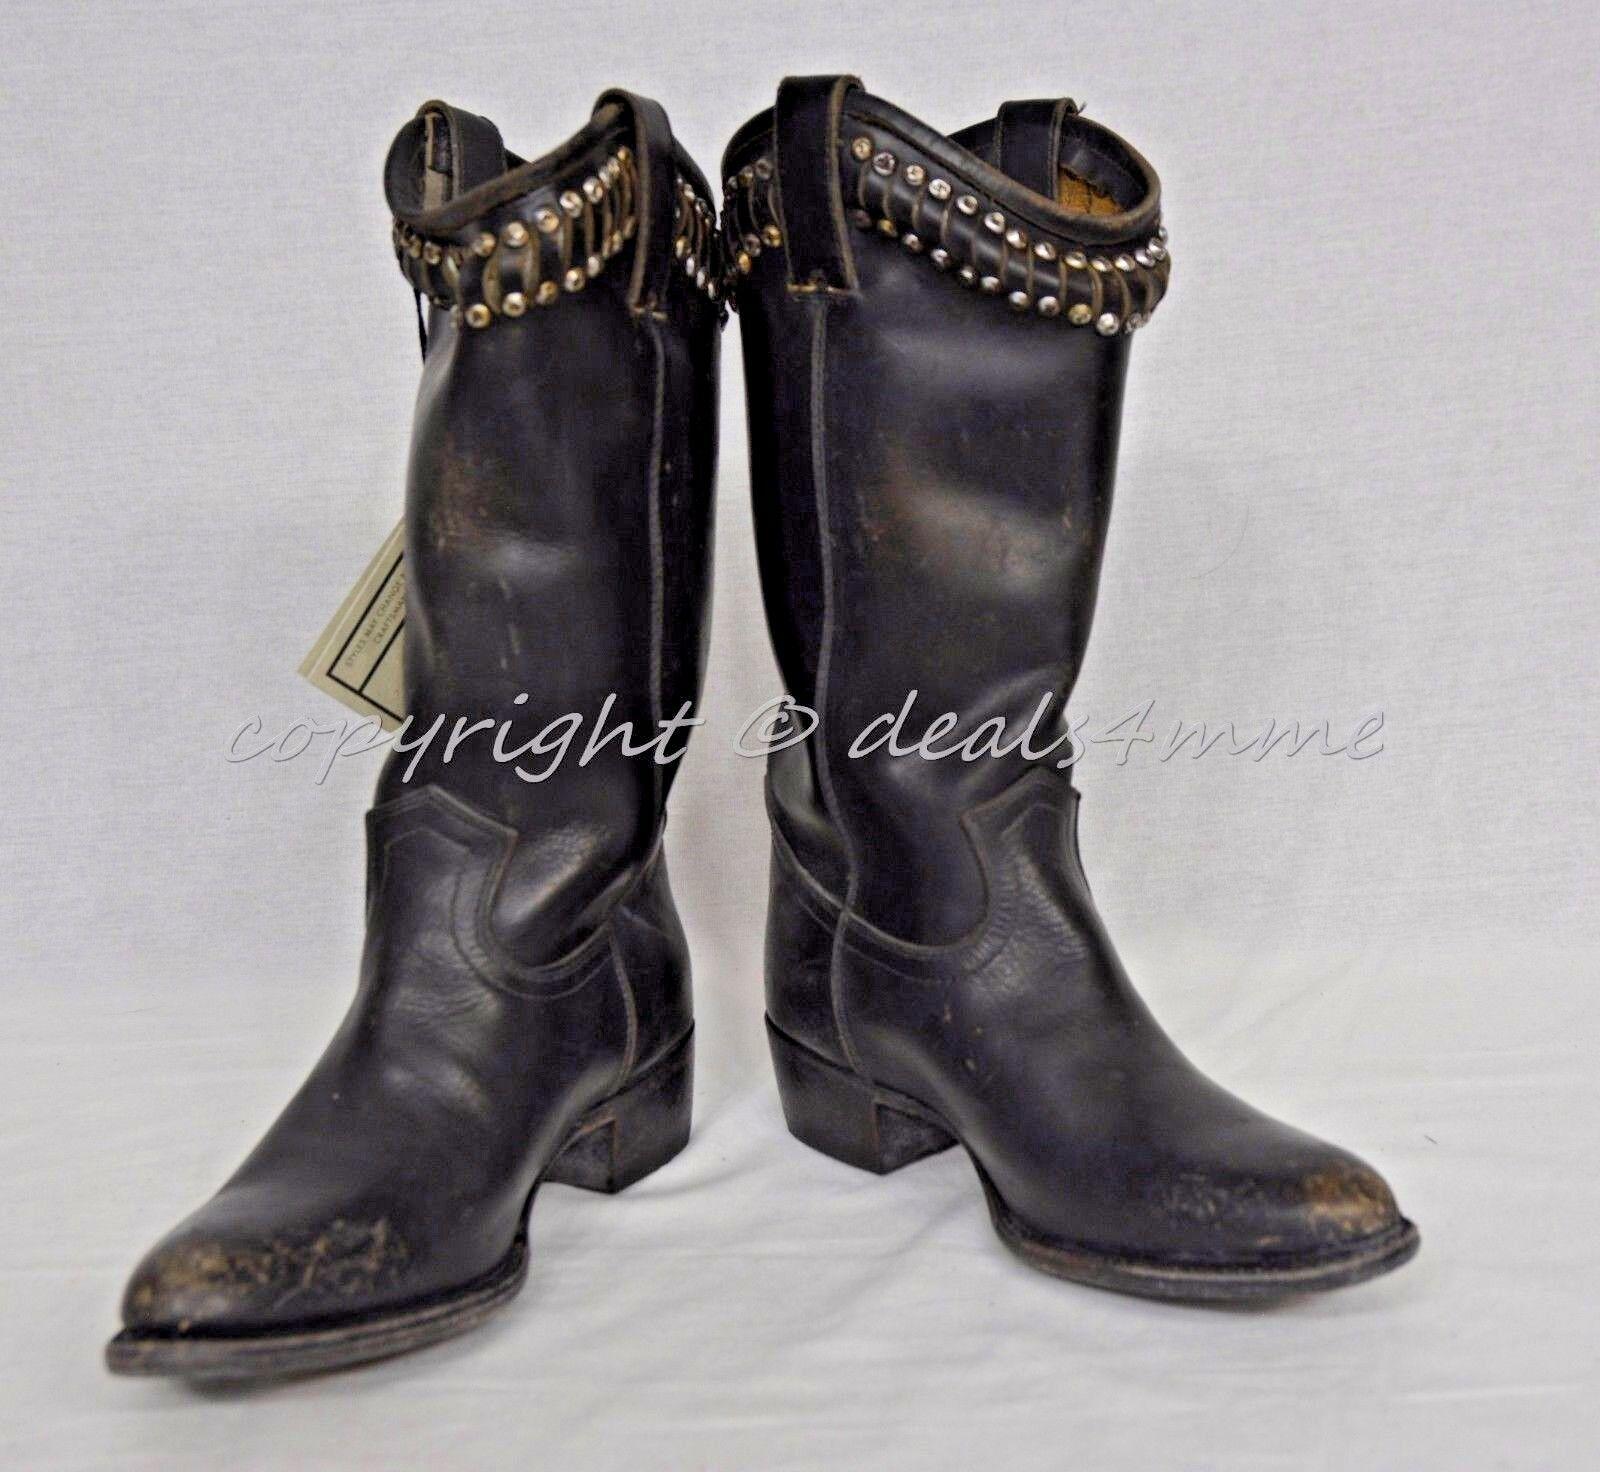 scelte con prezzo basso NIB Frye Diana Studded stivali Mid-Calf Donna  Dimensione 7.5 7.5 7.5 M in Distressed nero  sport caldi